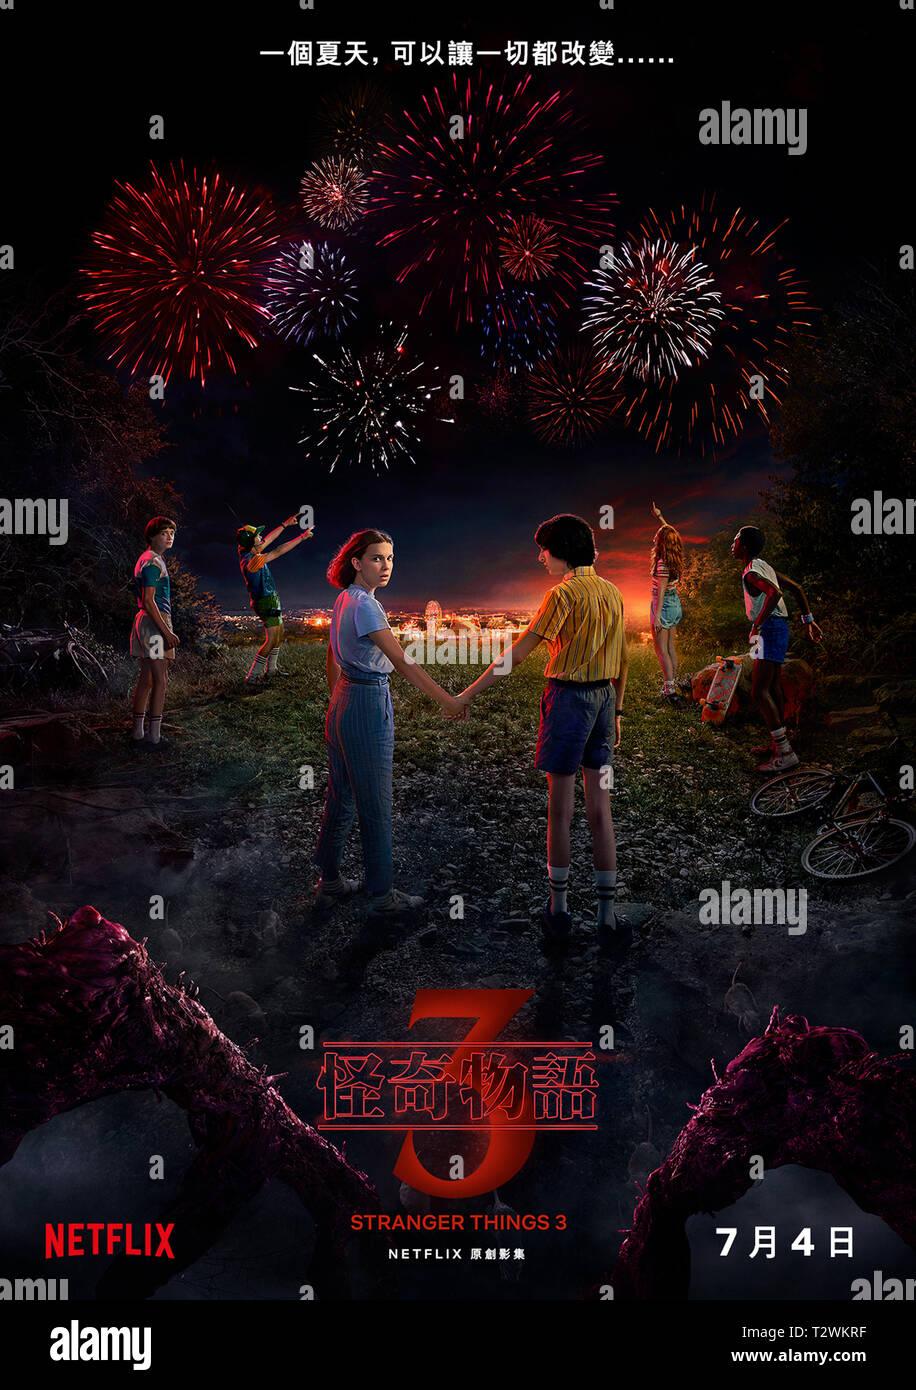 STRANGER THINGS 2016- serie TV creee par Matt Duffer et Ross Duffer affiche chinoise de la saison 3 Prod DB © Netflix - 21 Laps Entertainment / DR - Stock Image